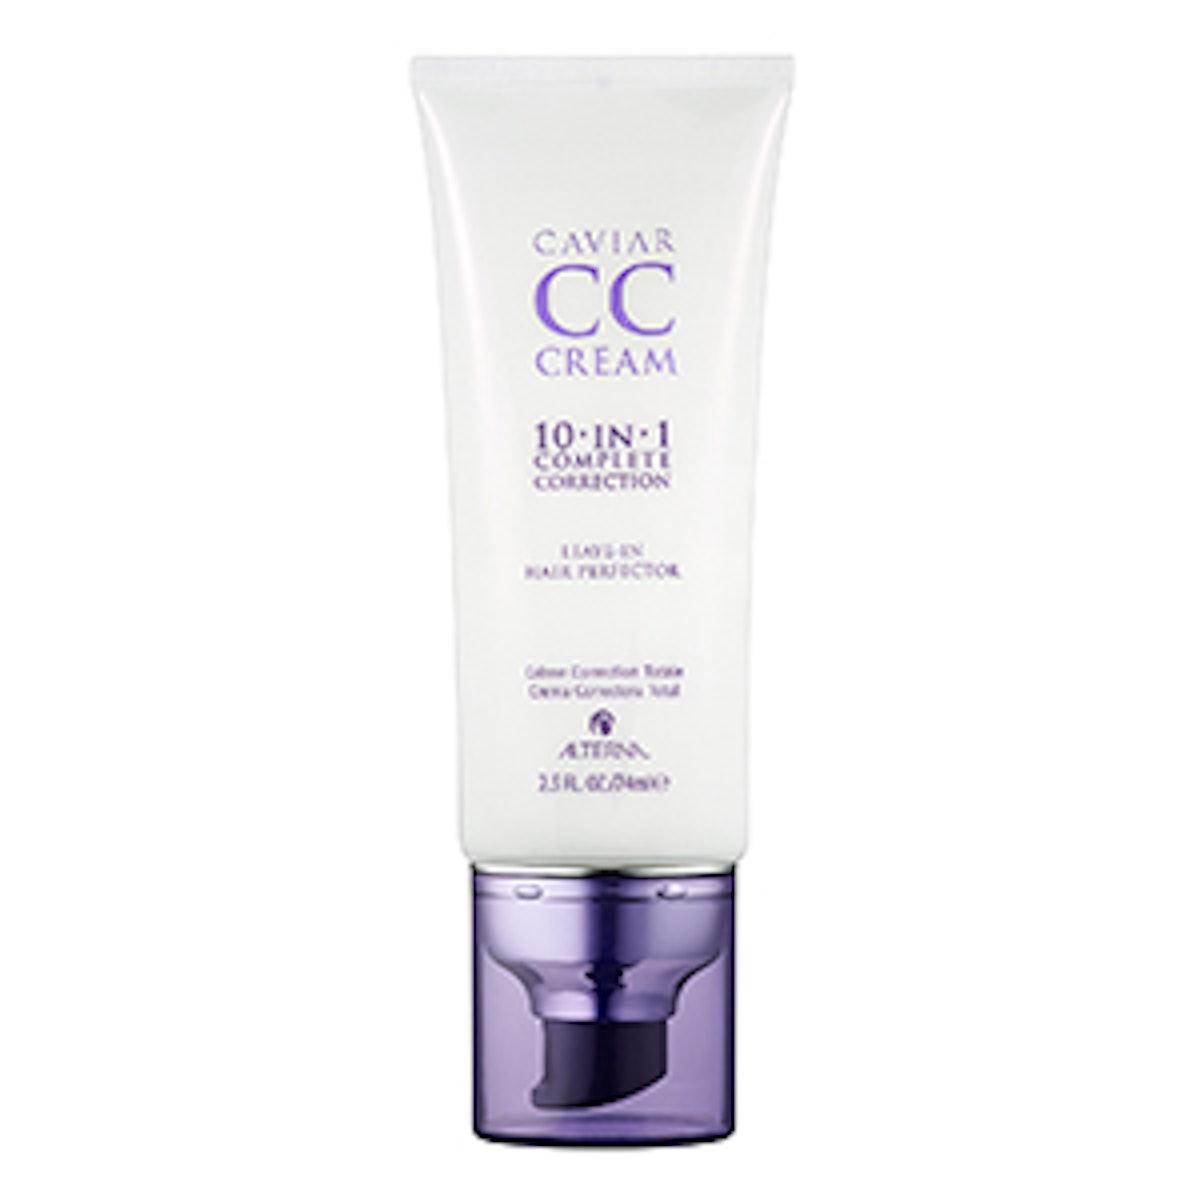 Caviar 10-in-1 CC Hair Cream